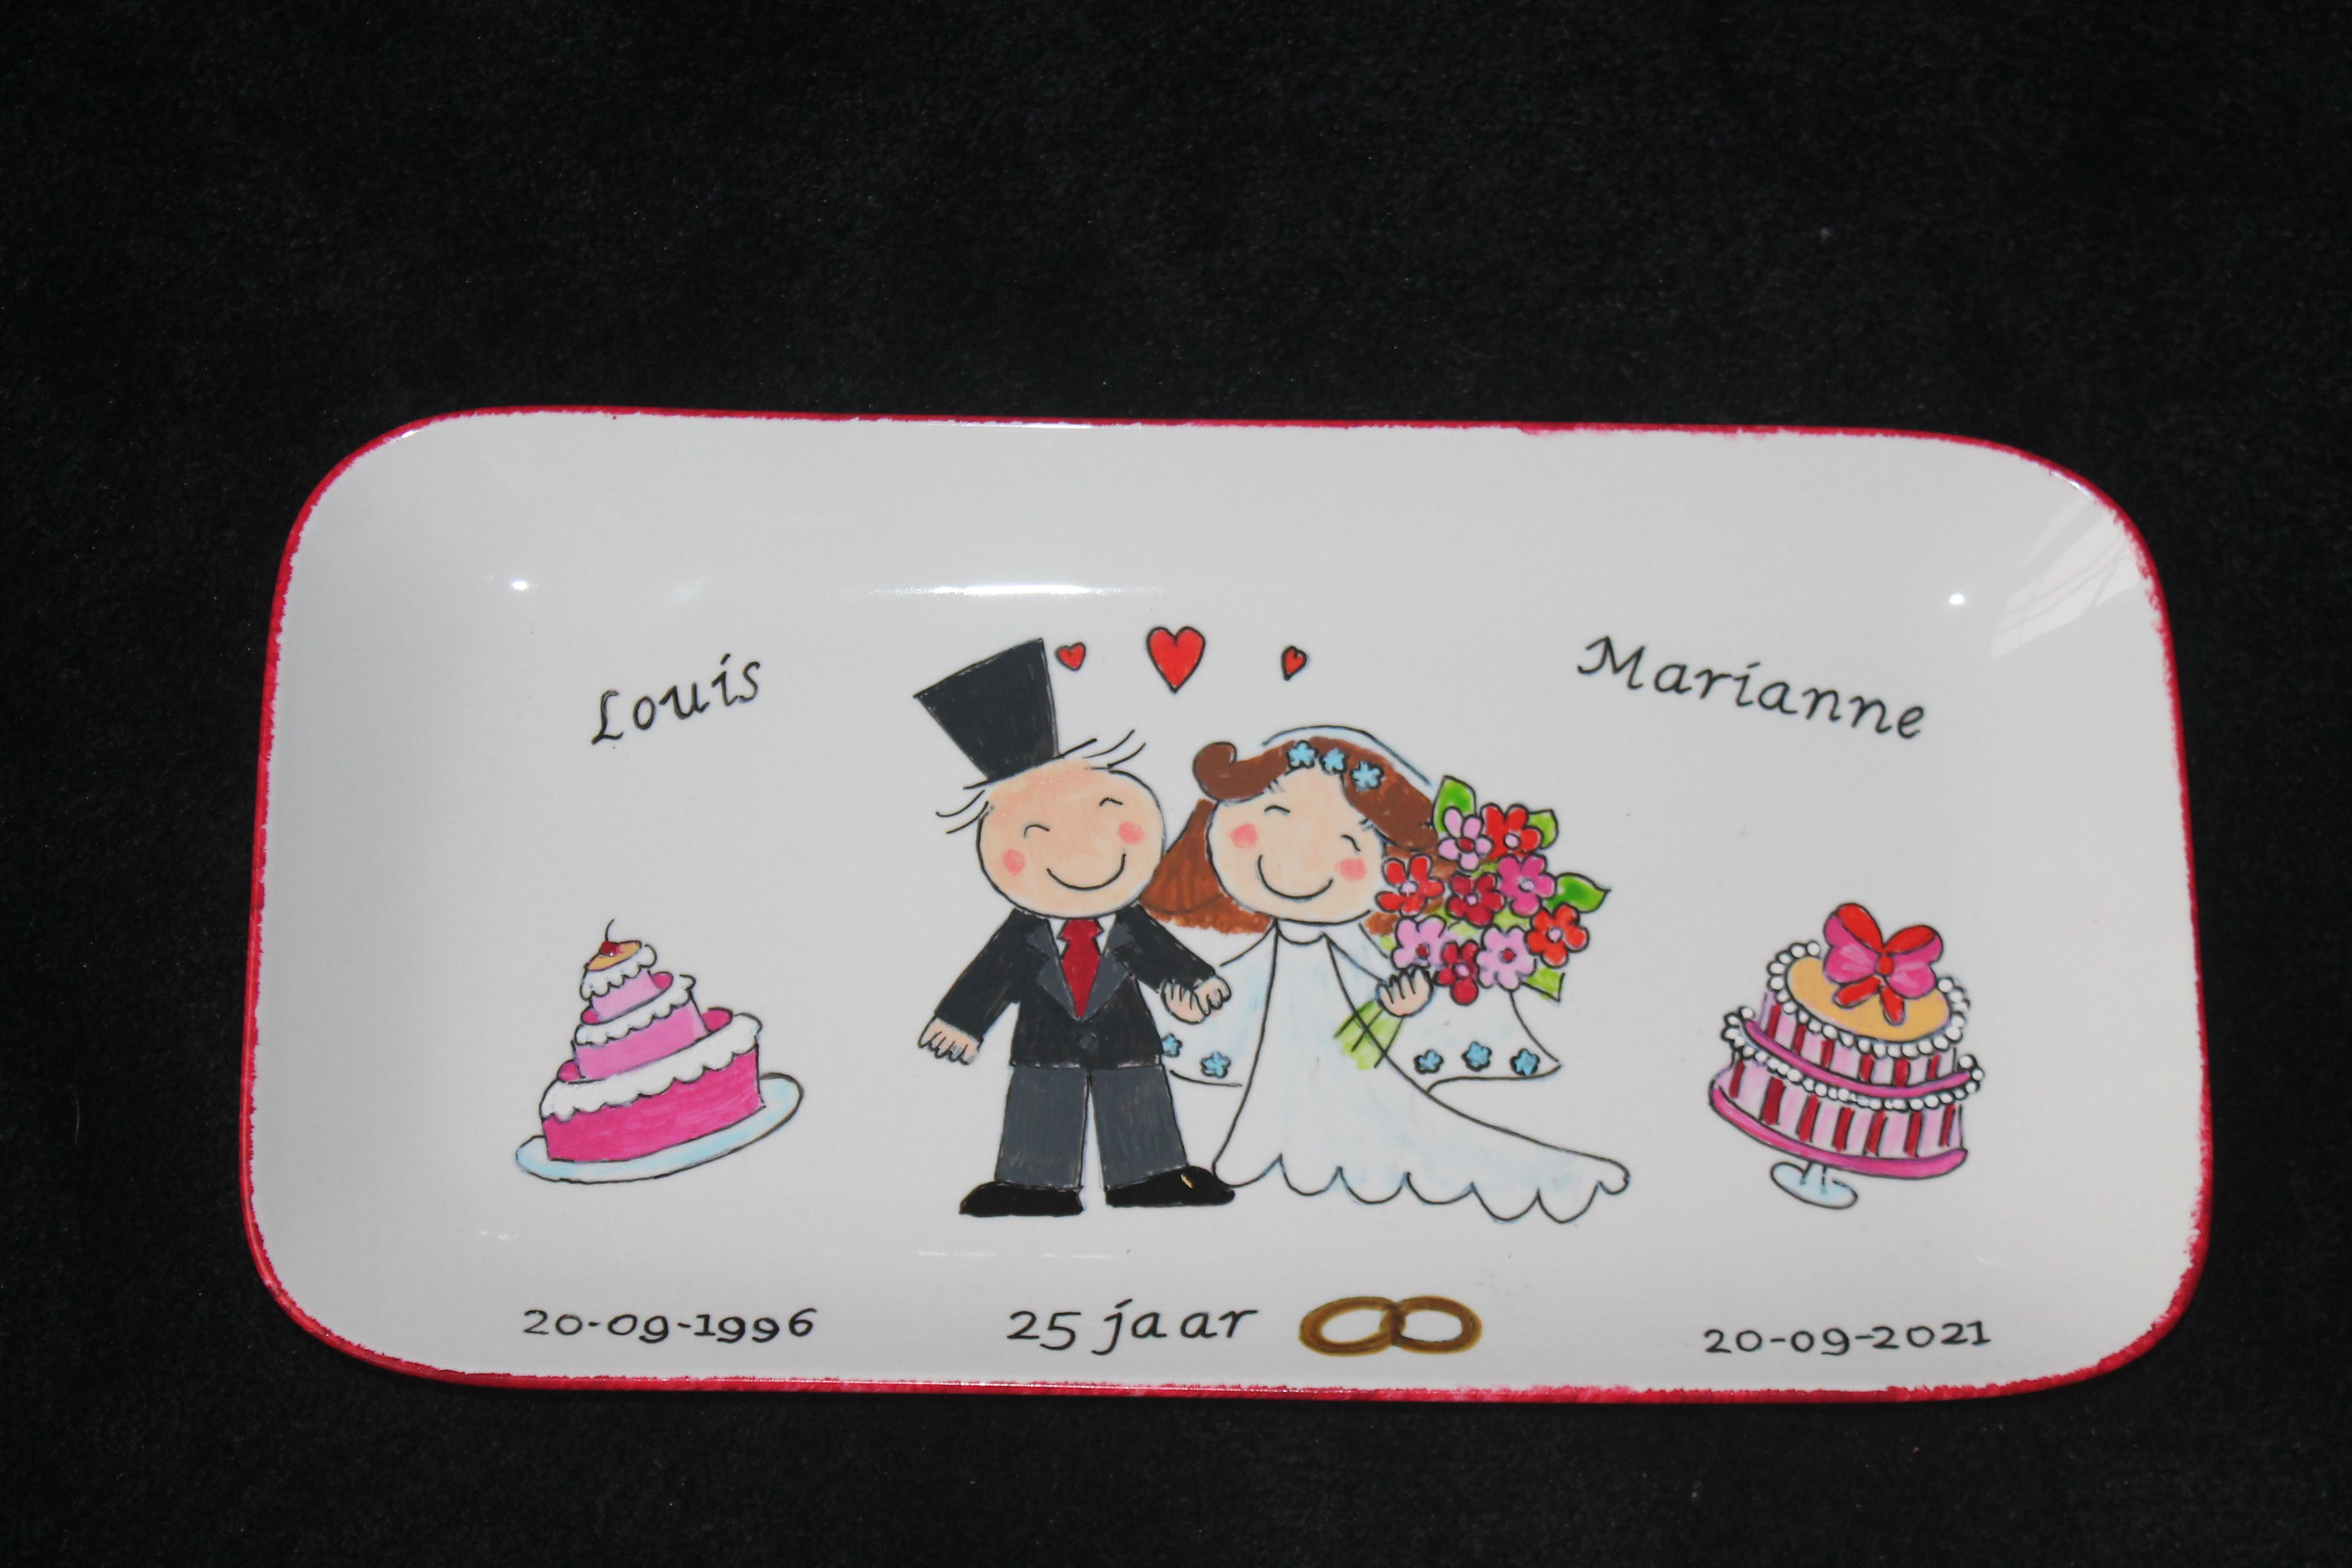 60 jaar getrouwd kado 12.5, 25, 40, 50 of 60 jaar getrouwd | Creatieve workshops  60 jaar getrouwd kado